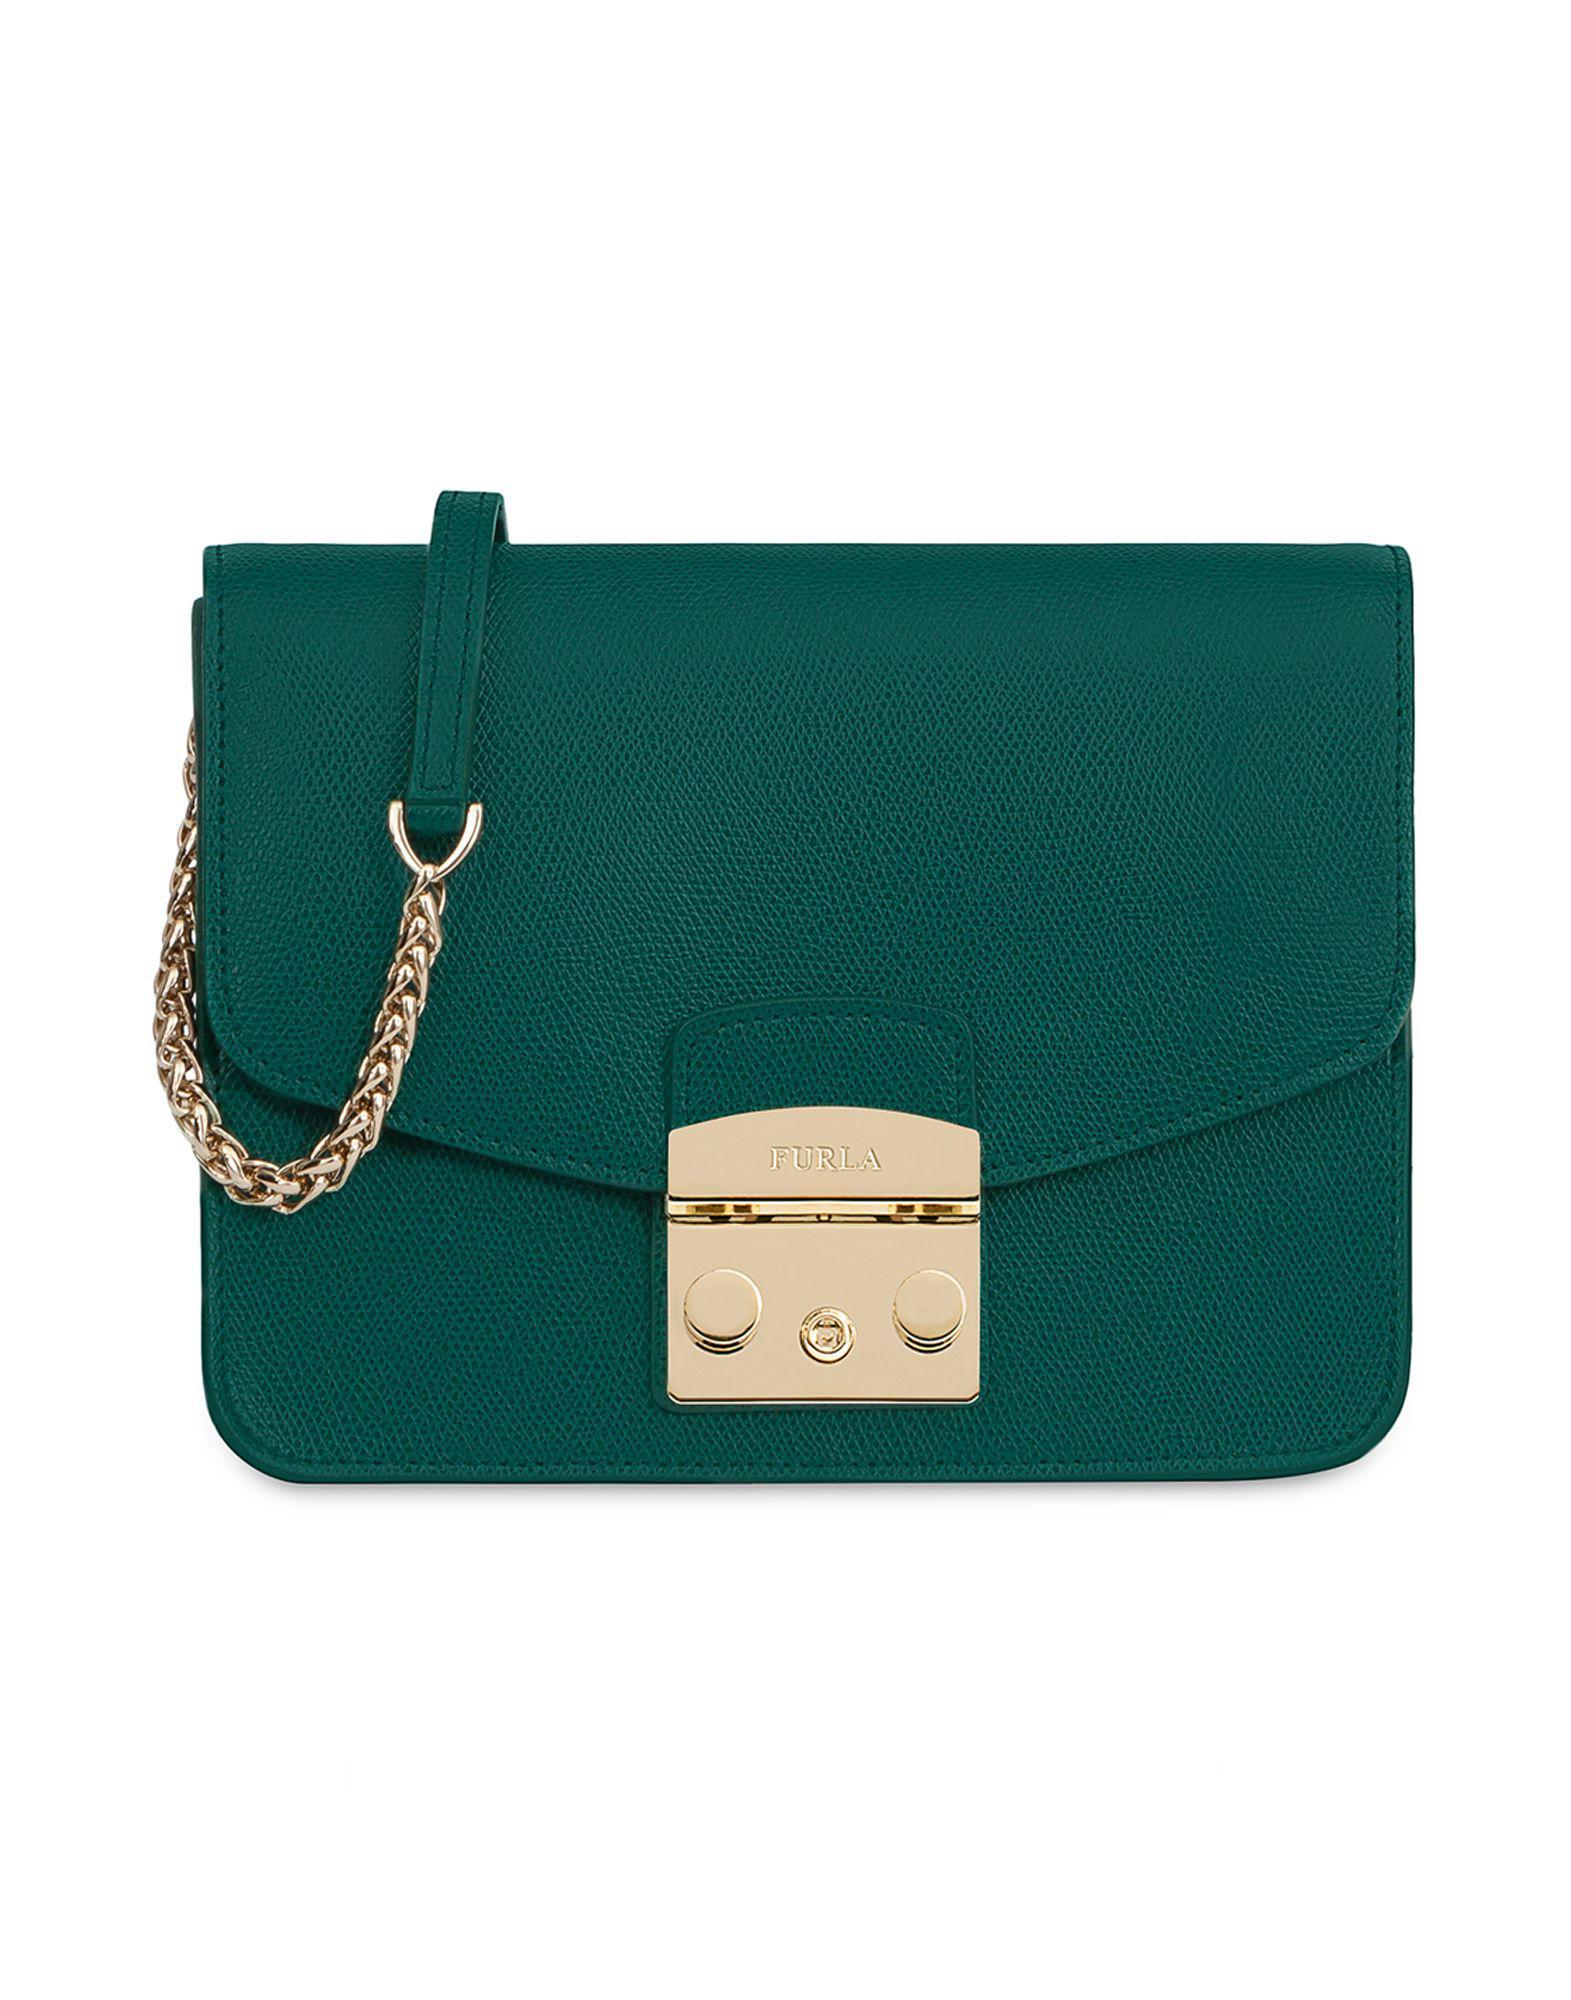 Verde Furla Lyst Color De Con Bolso Bandolera b7gf6Yy